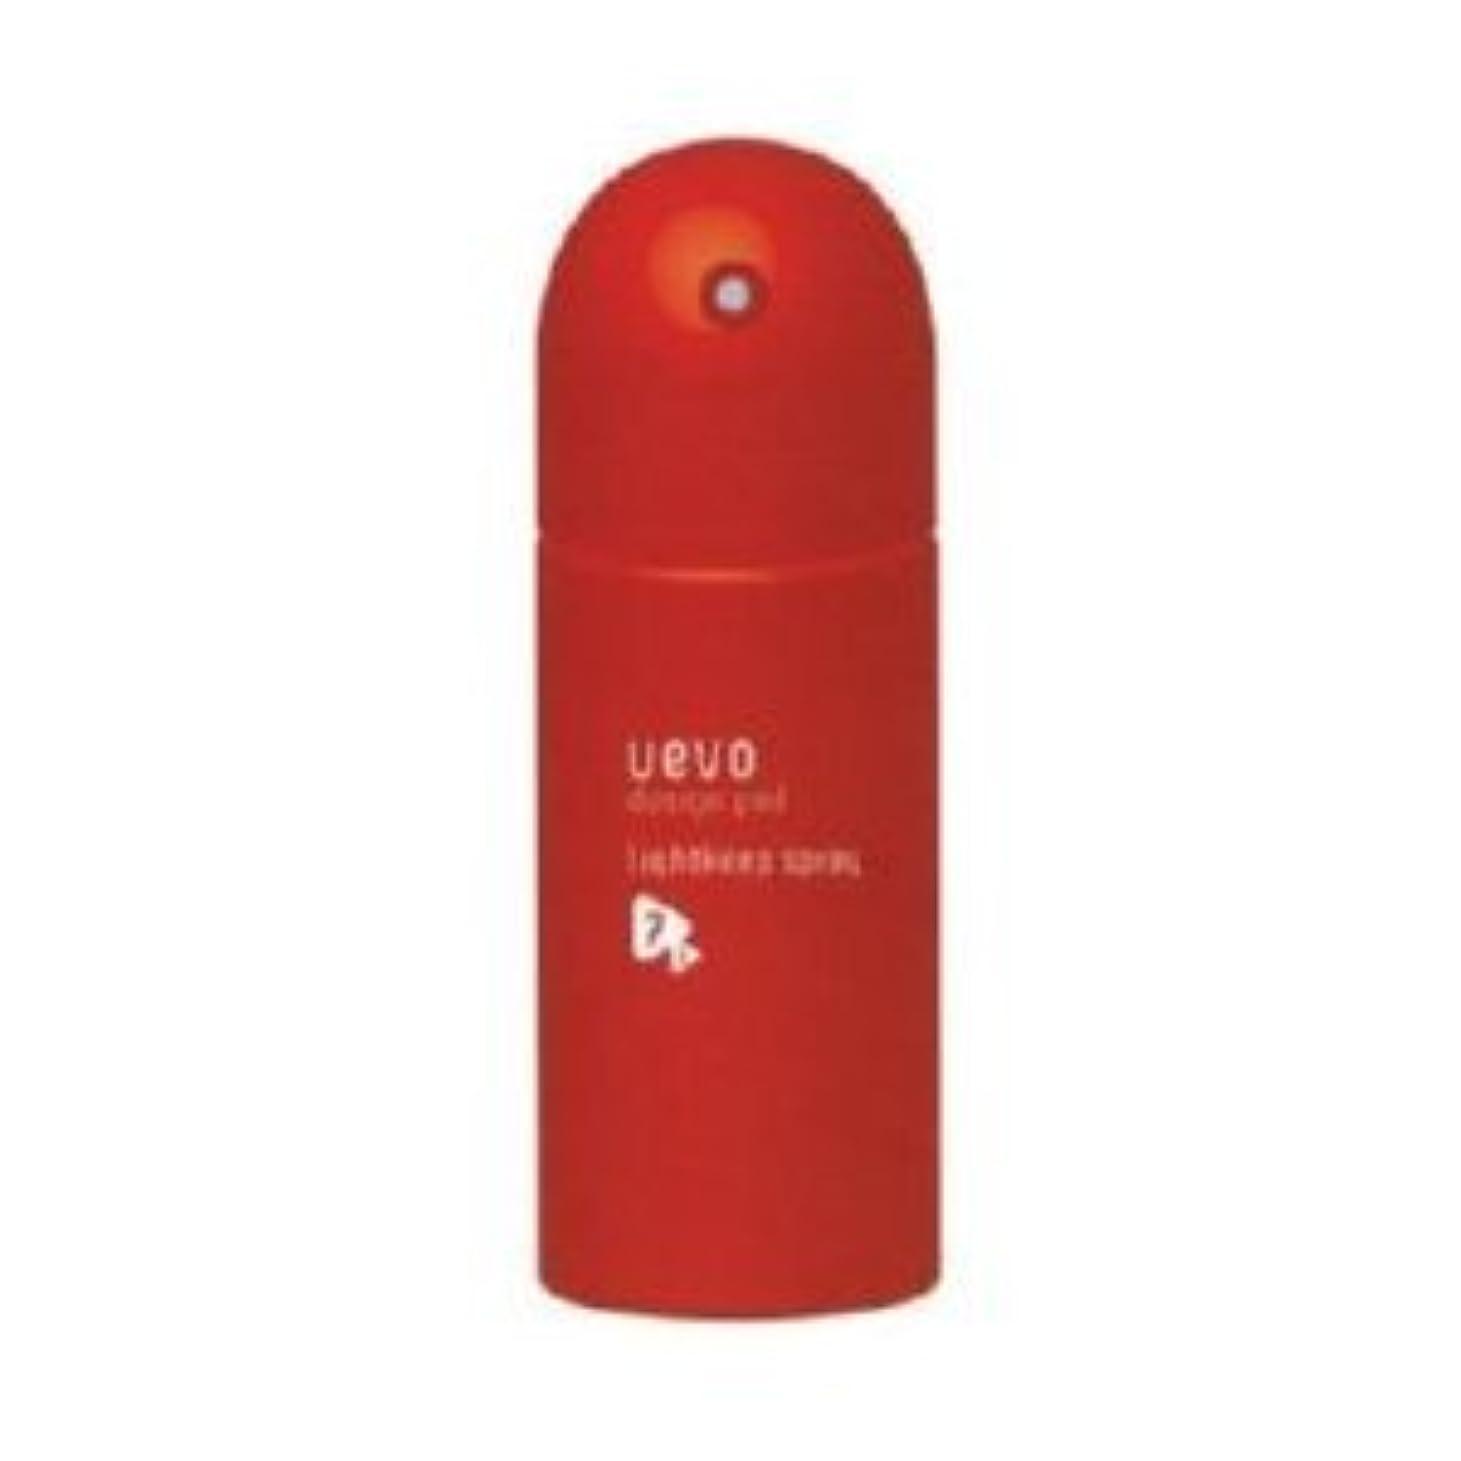 したがって再集計降下【X2個セット】 デミ ウェーボ デザインポッド ライトキープスプレー 220ml lightkeep spray DEMI uevo design pod